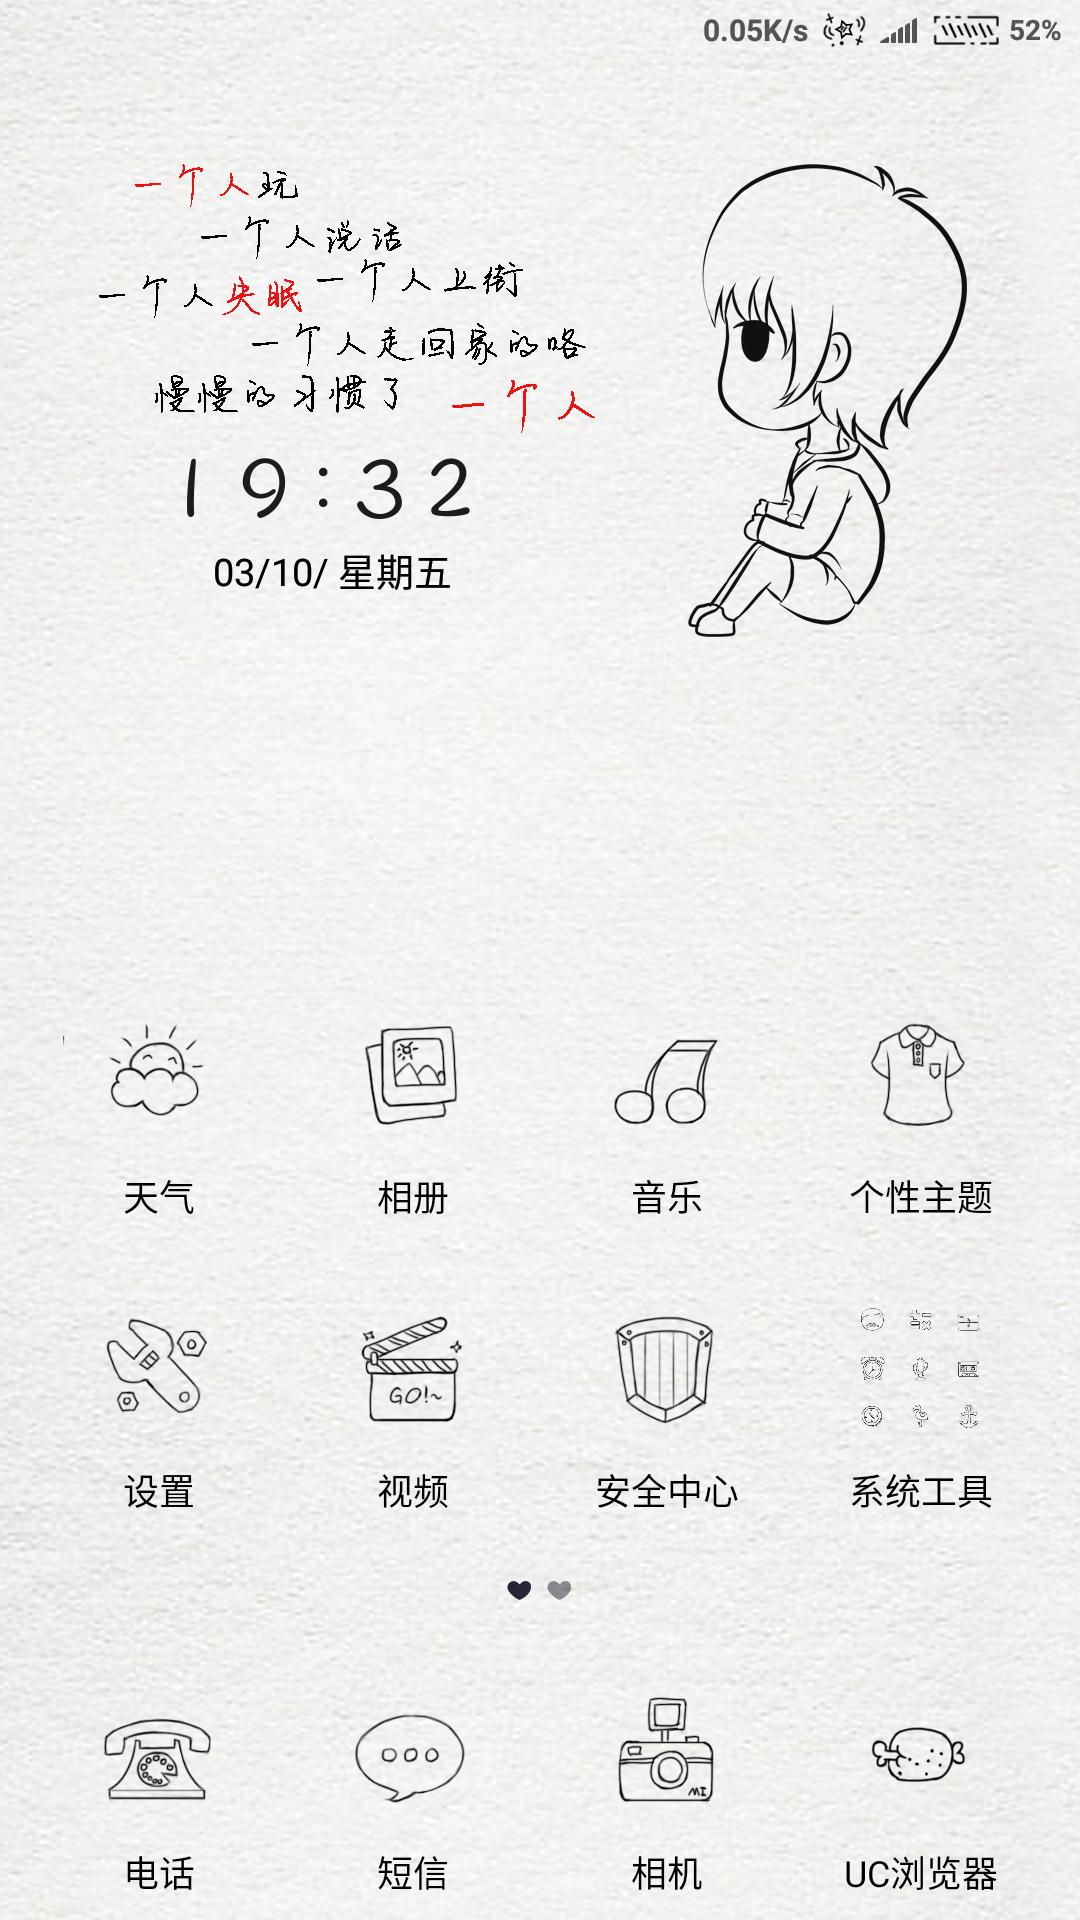 Screenshot_2017-03-10-19-32-56-078_com.miui.home.png